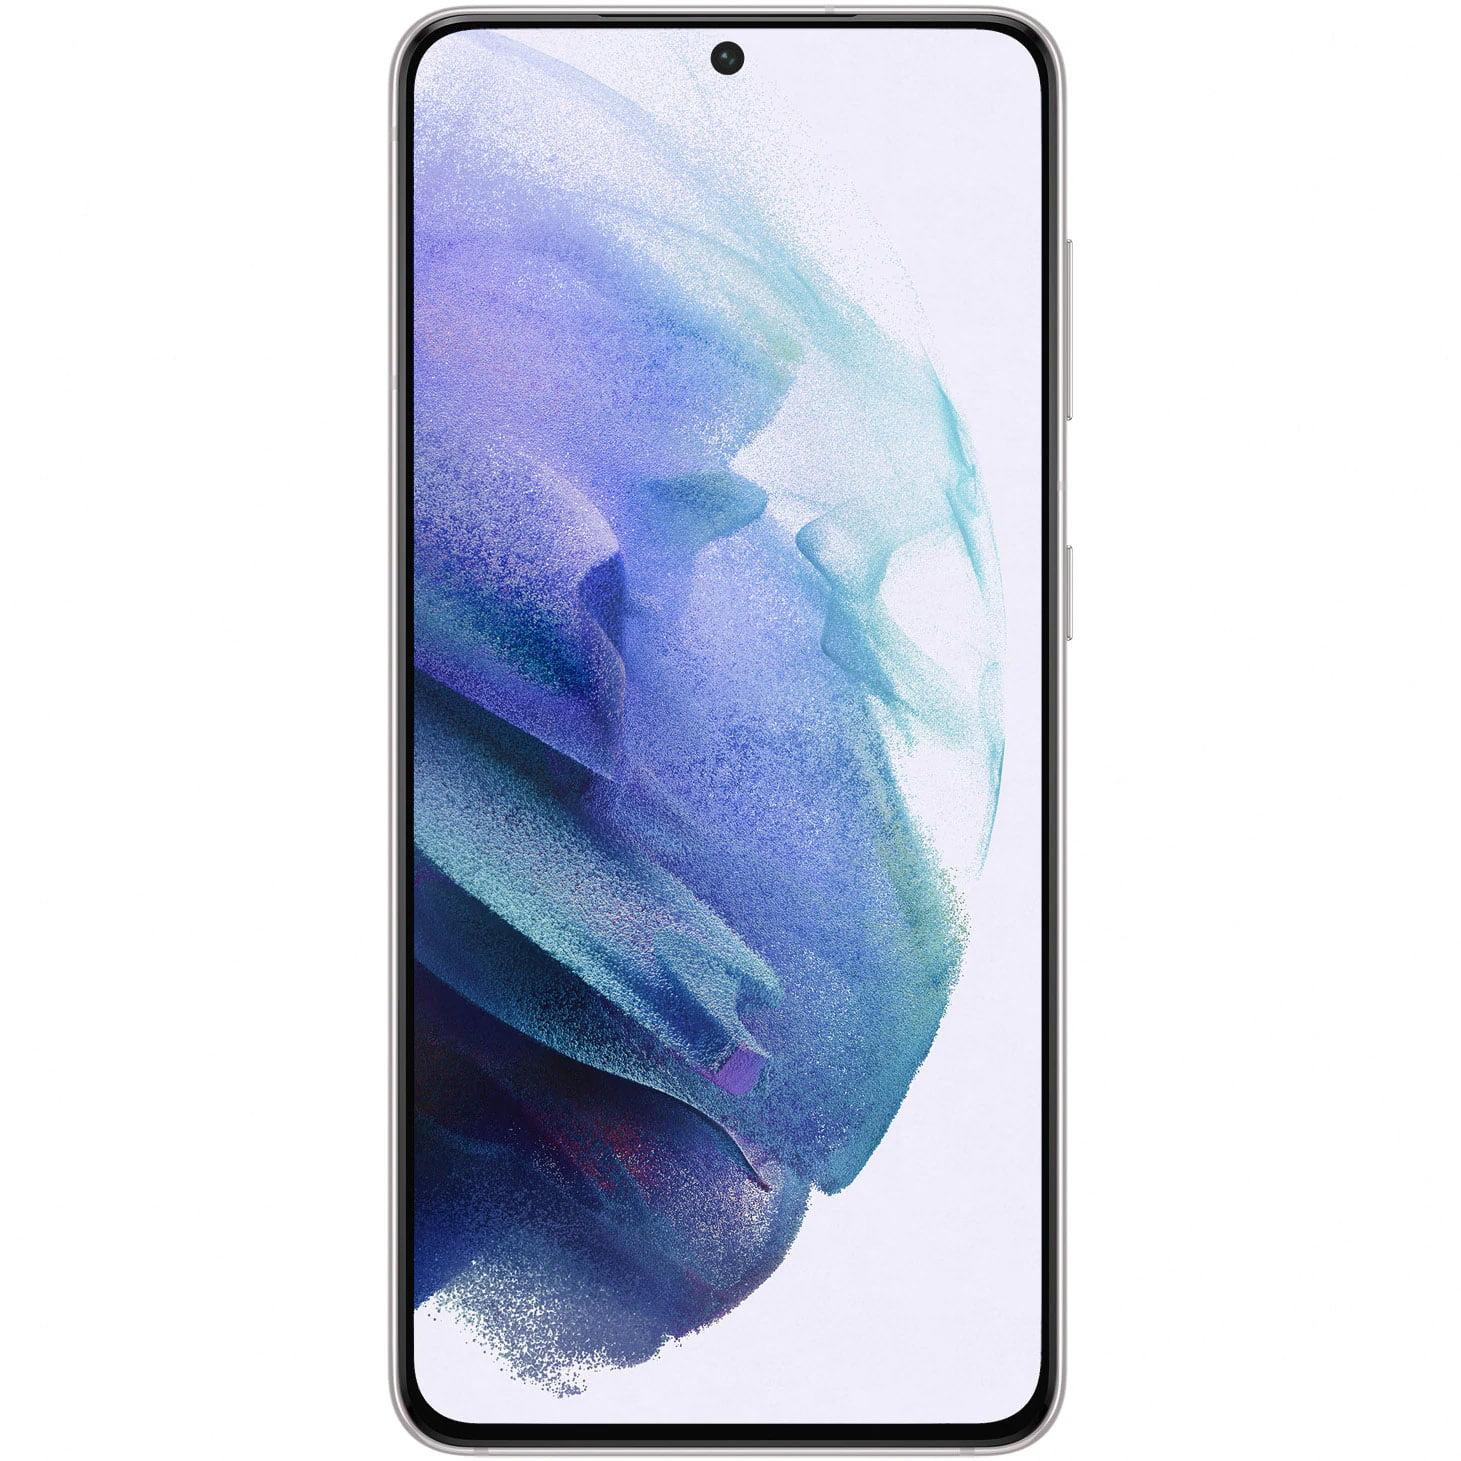 Telefon mobil Samsung Galaxy S21, Dual SIM, 128GB, 8GB RAM, 5G, Phantom White